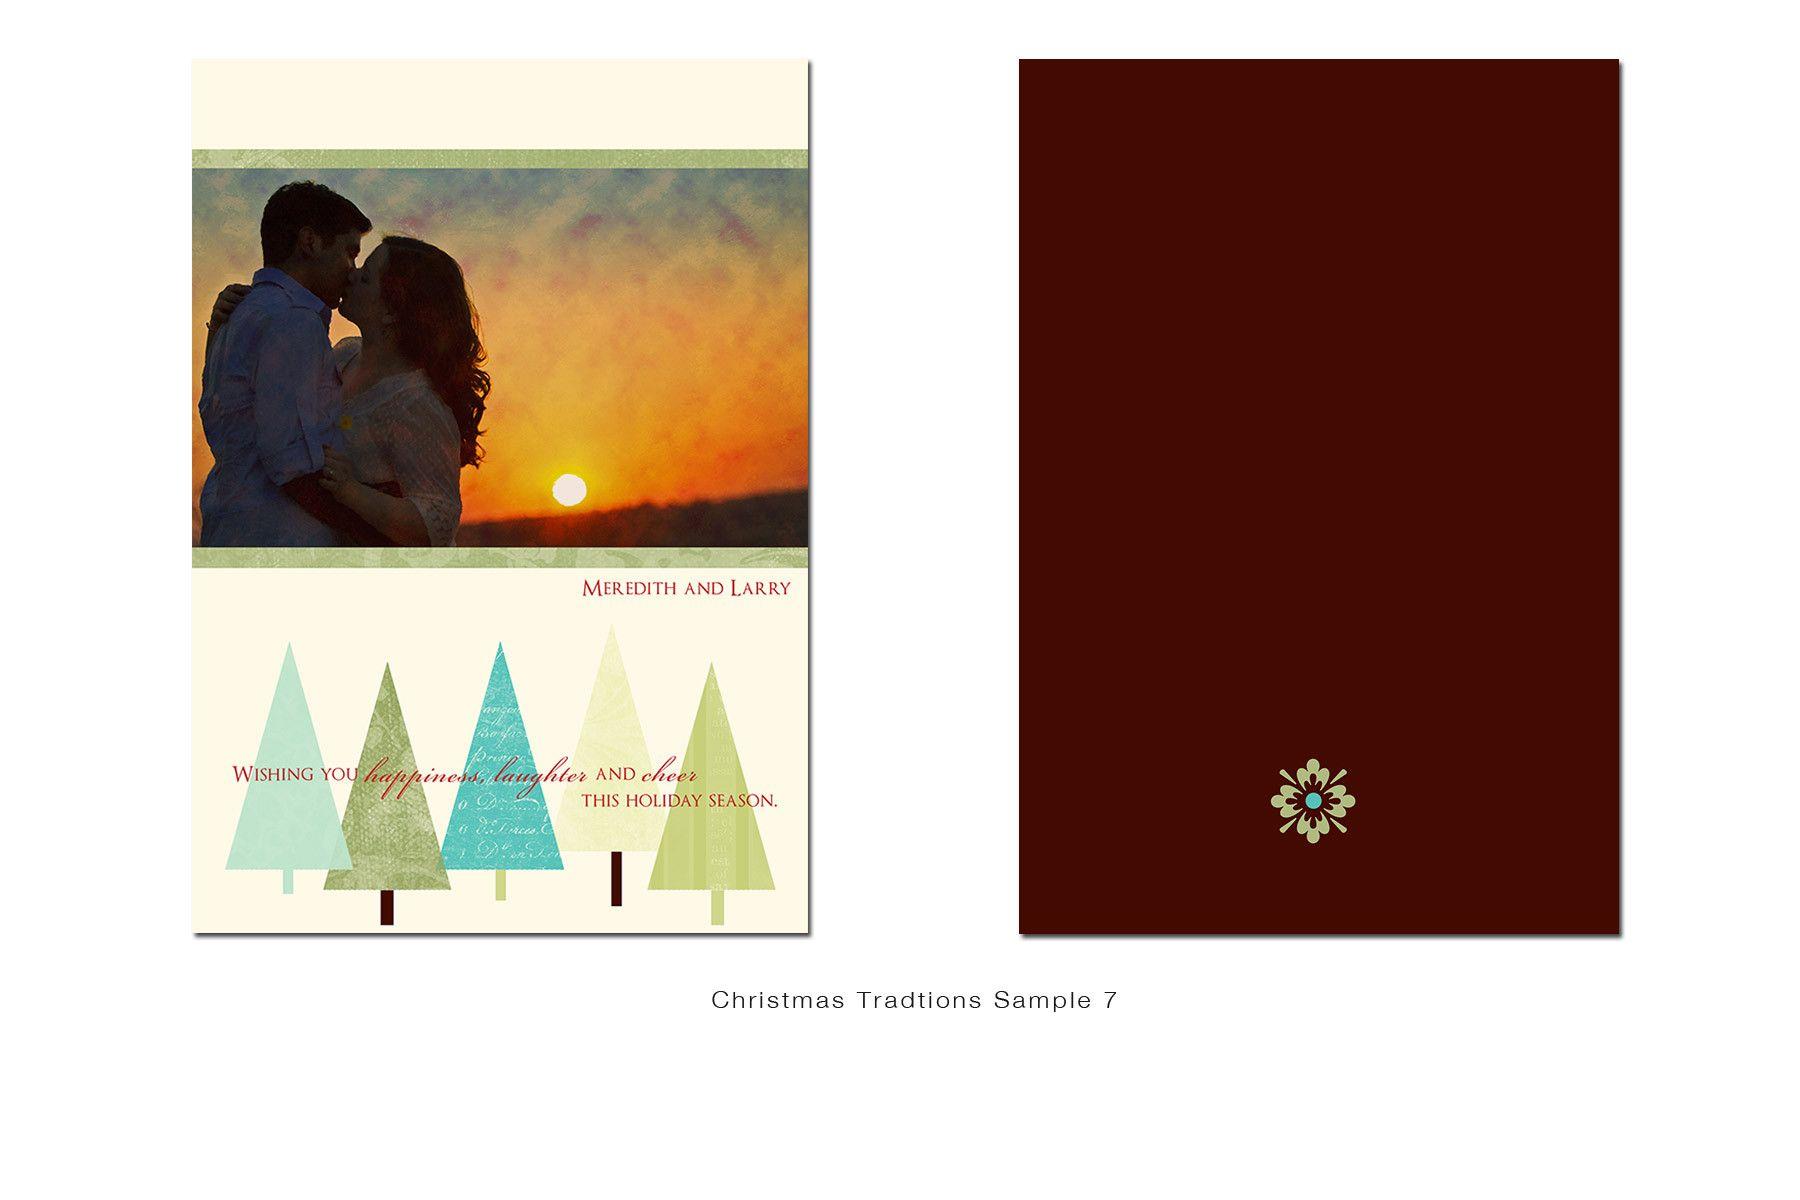 1christmas_traditions_sample_7.jpg